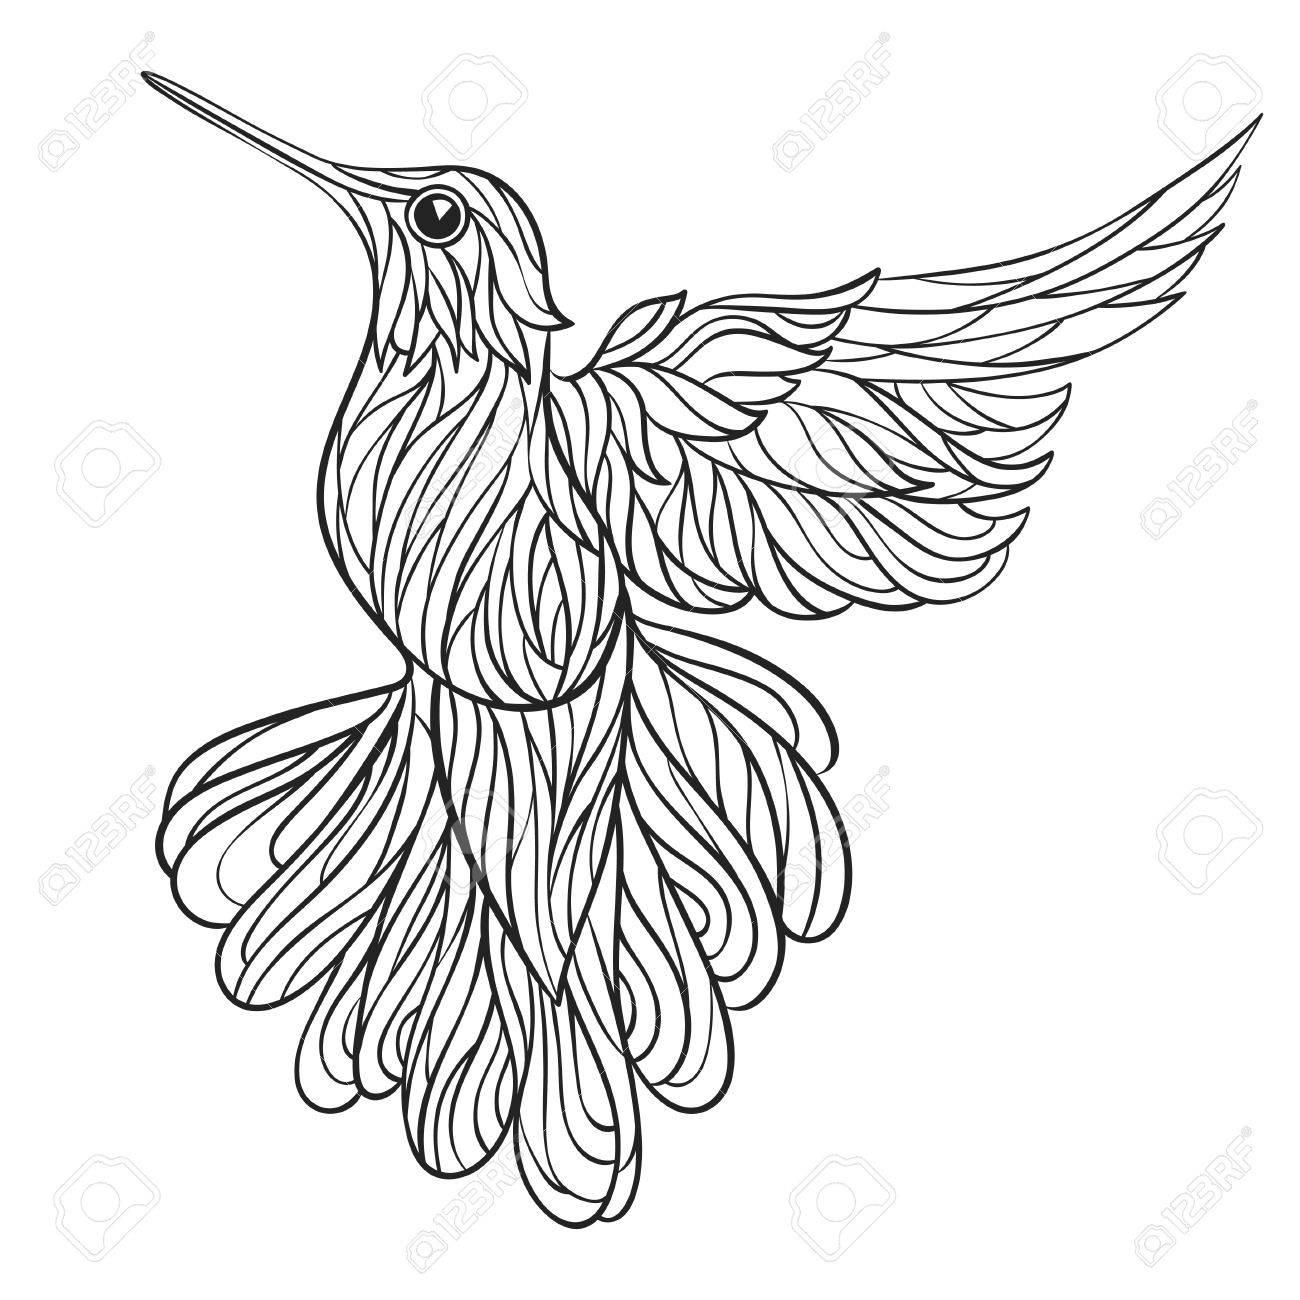 Vectorial Blanco Y Negro Dibujado A Mano Ilustración De Colibri